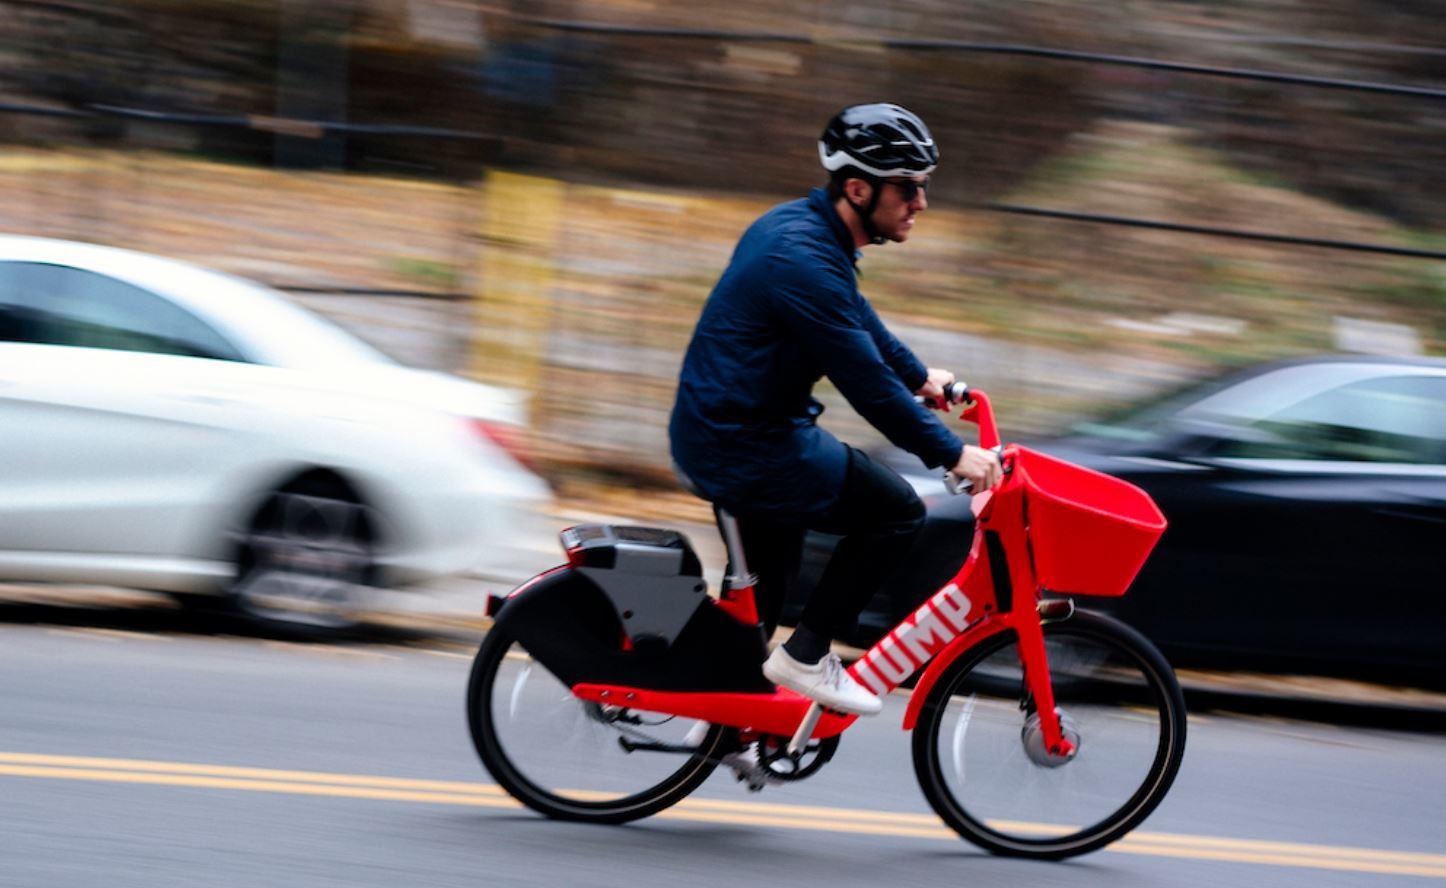 """Uber、""""自分で持ち場に戻る""""自転車を開発か──英Telegraph報道"""